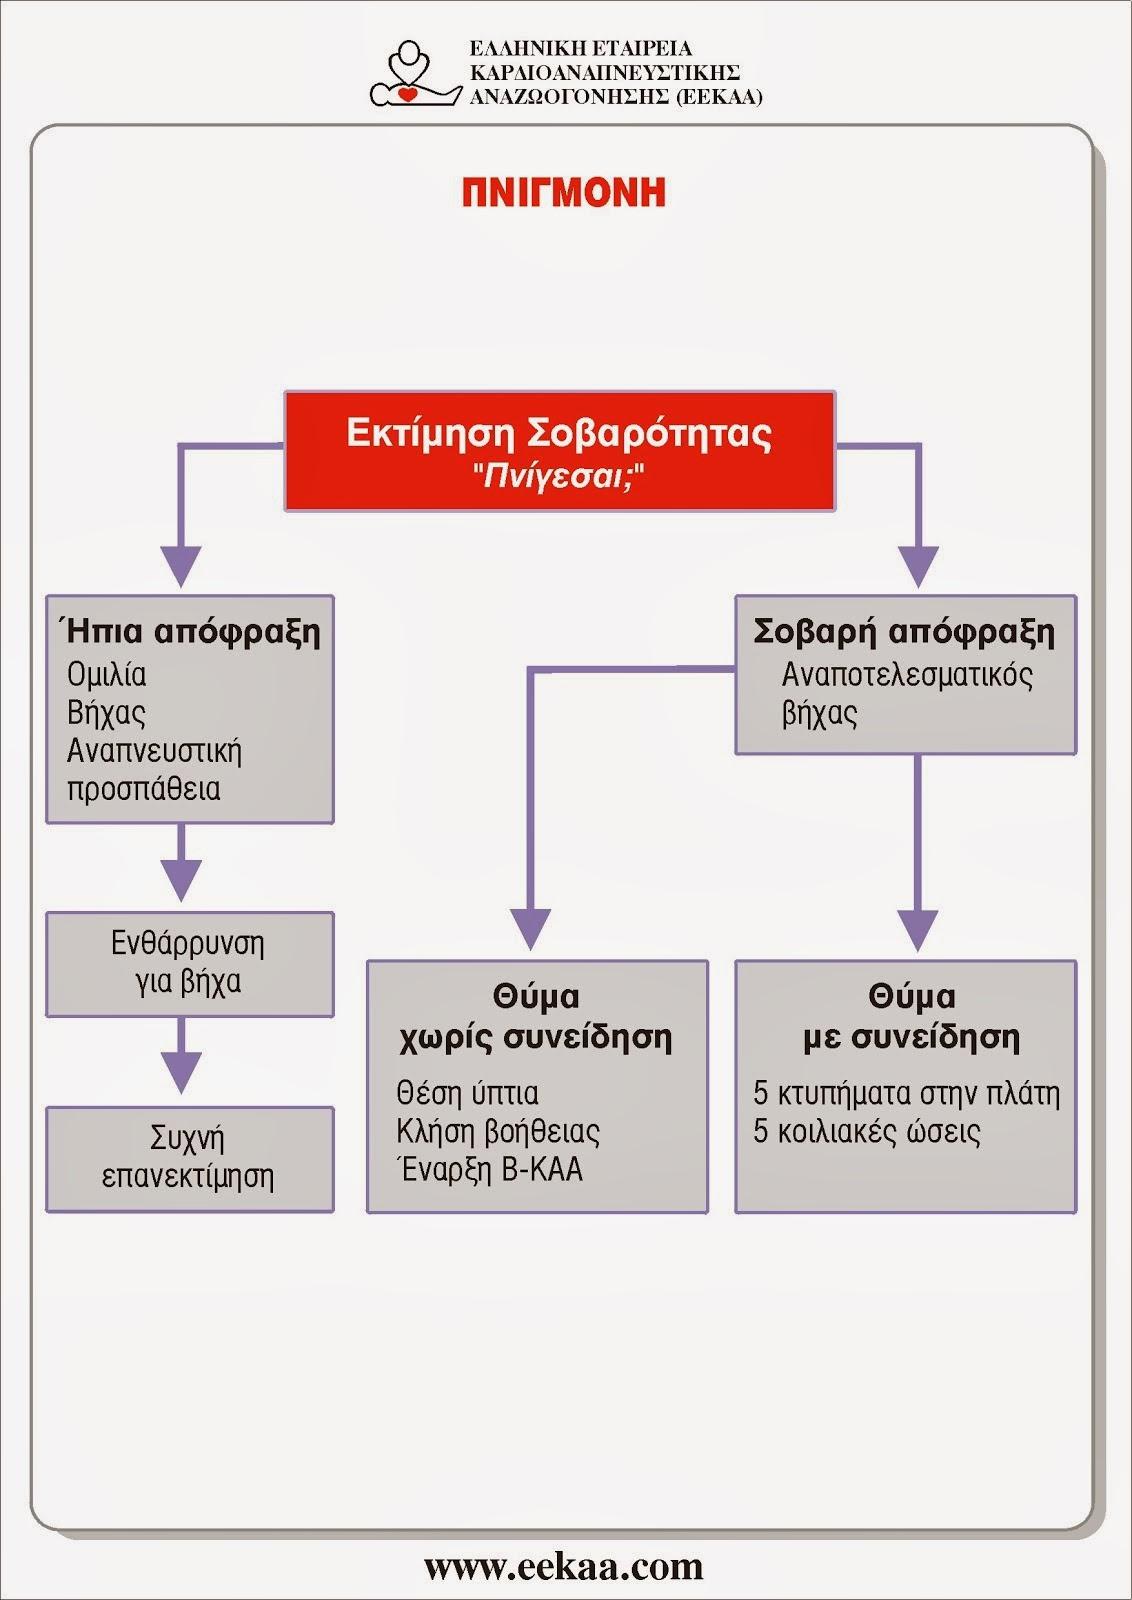 ΑΛΓΟΡΙΘΜΟΣ ΠΝΙΓΜΟΝΗΣ 2010 (EEKAA - ERC)